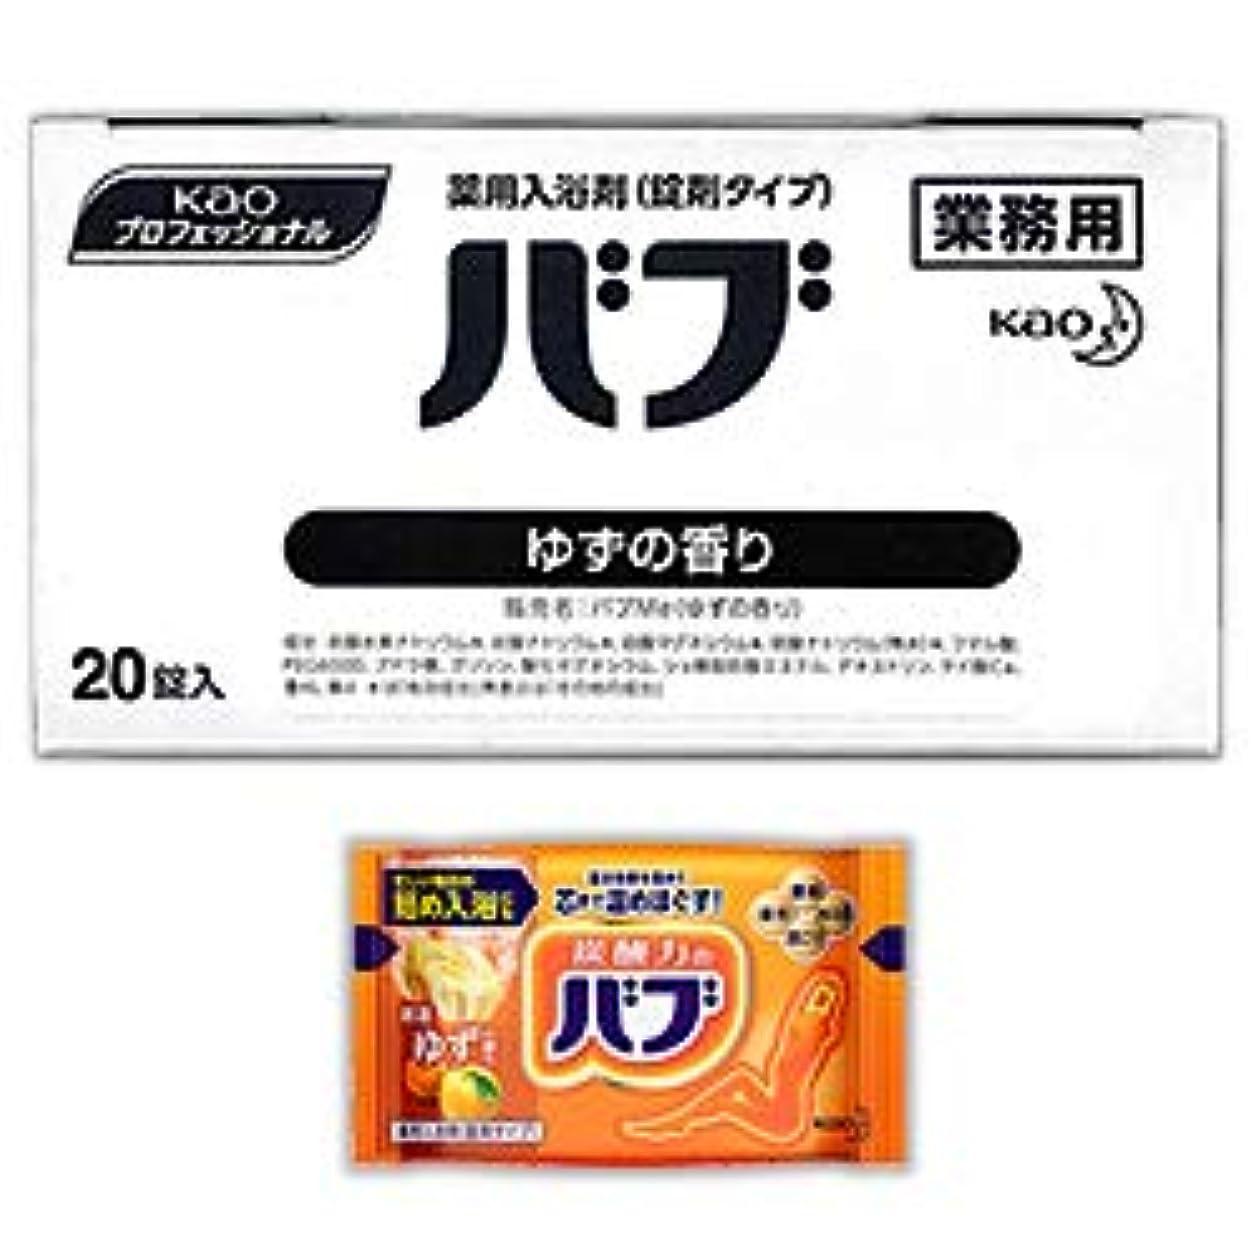 エクステント医師高潔な【花王】Kaoプロフェッショナル バブ ゆずの香り(業務用) 40g×20錠入 ×3個セット